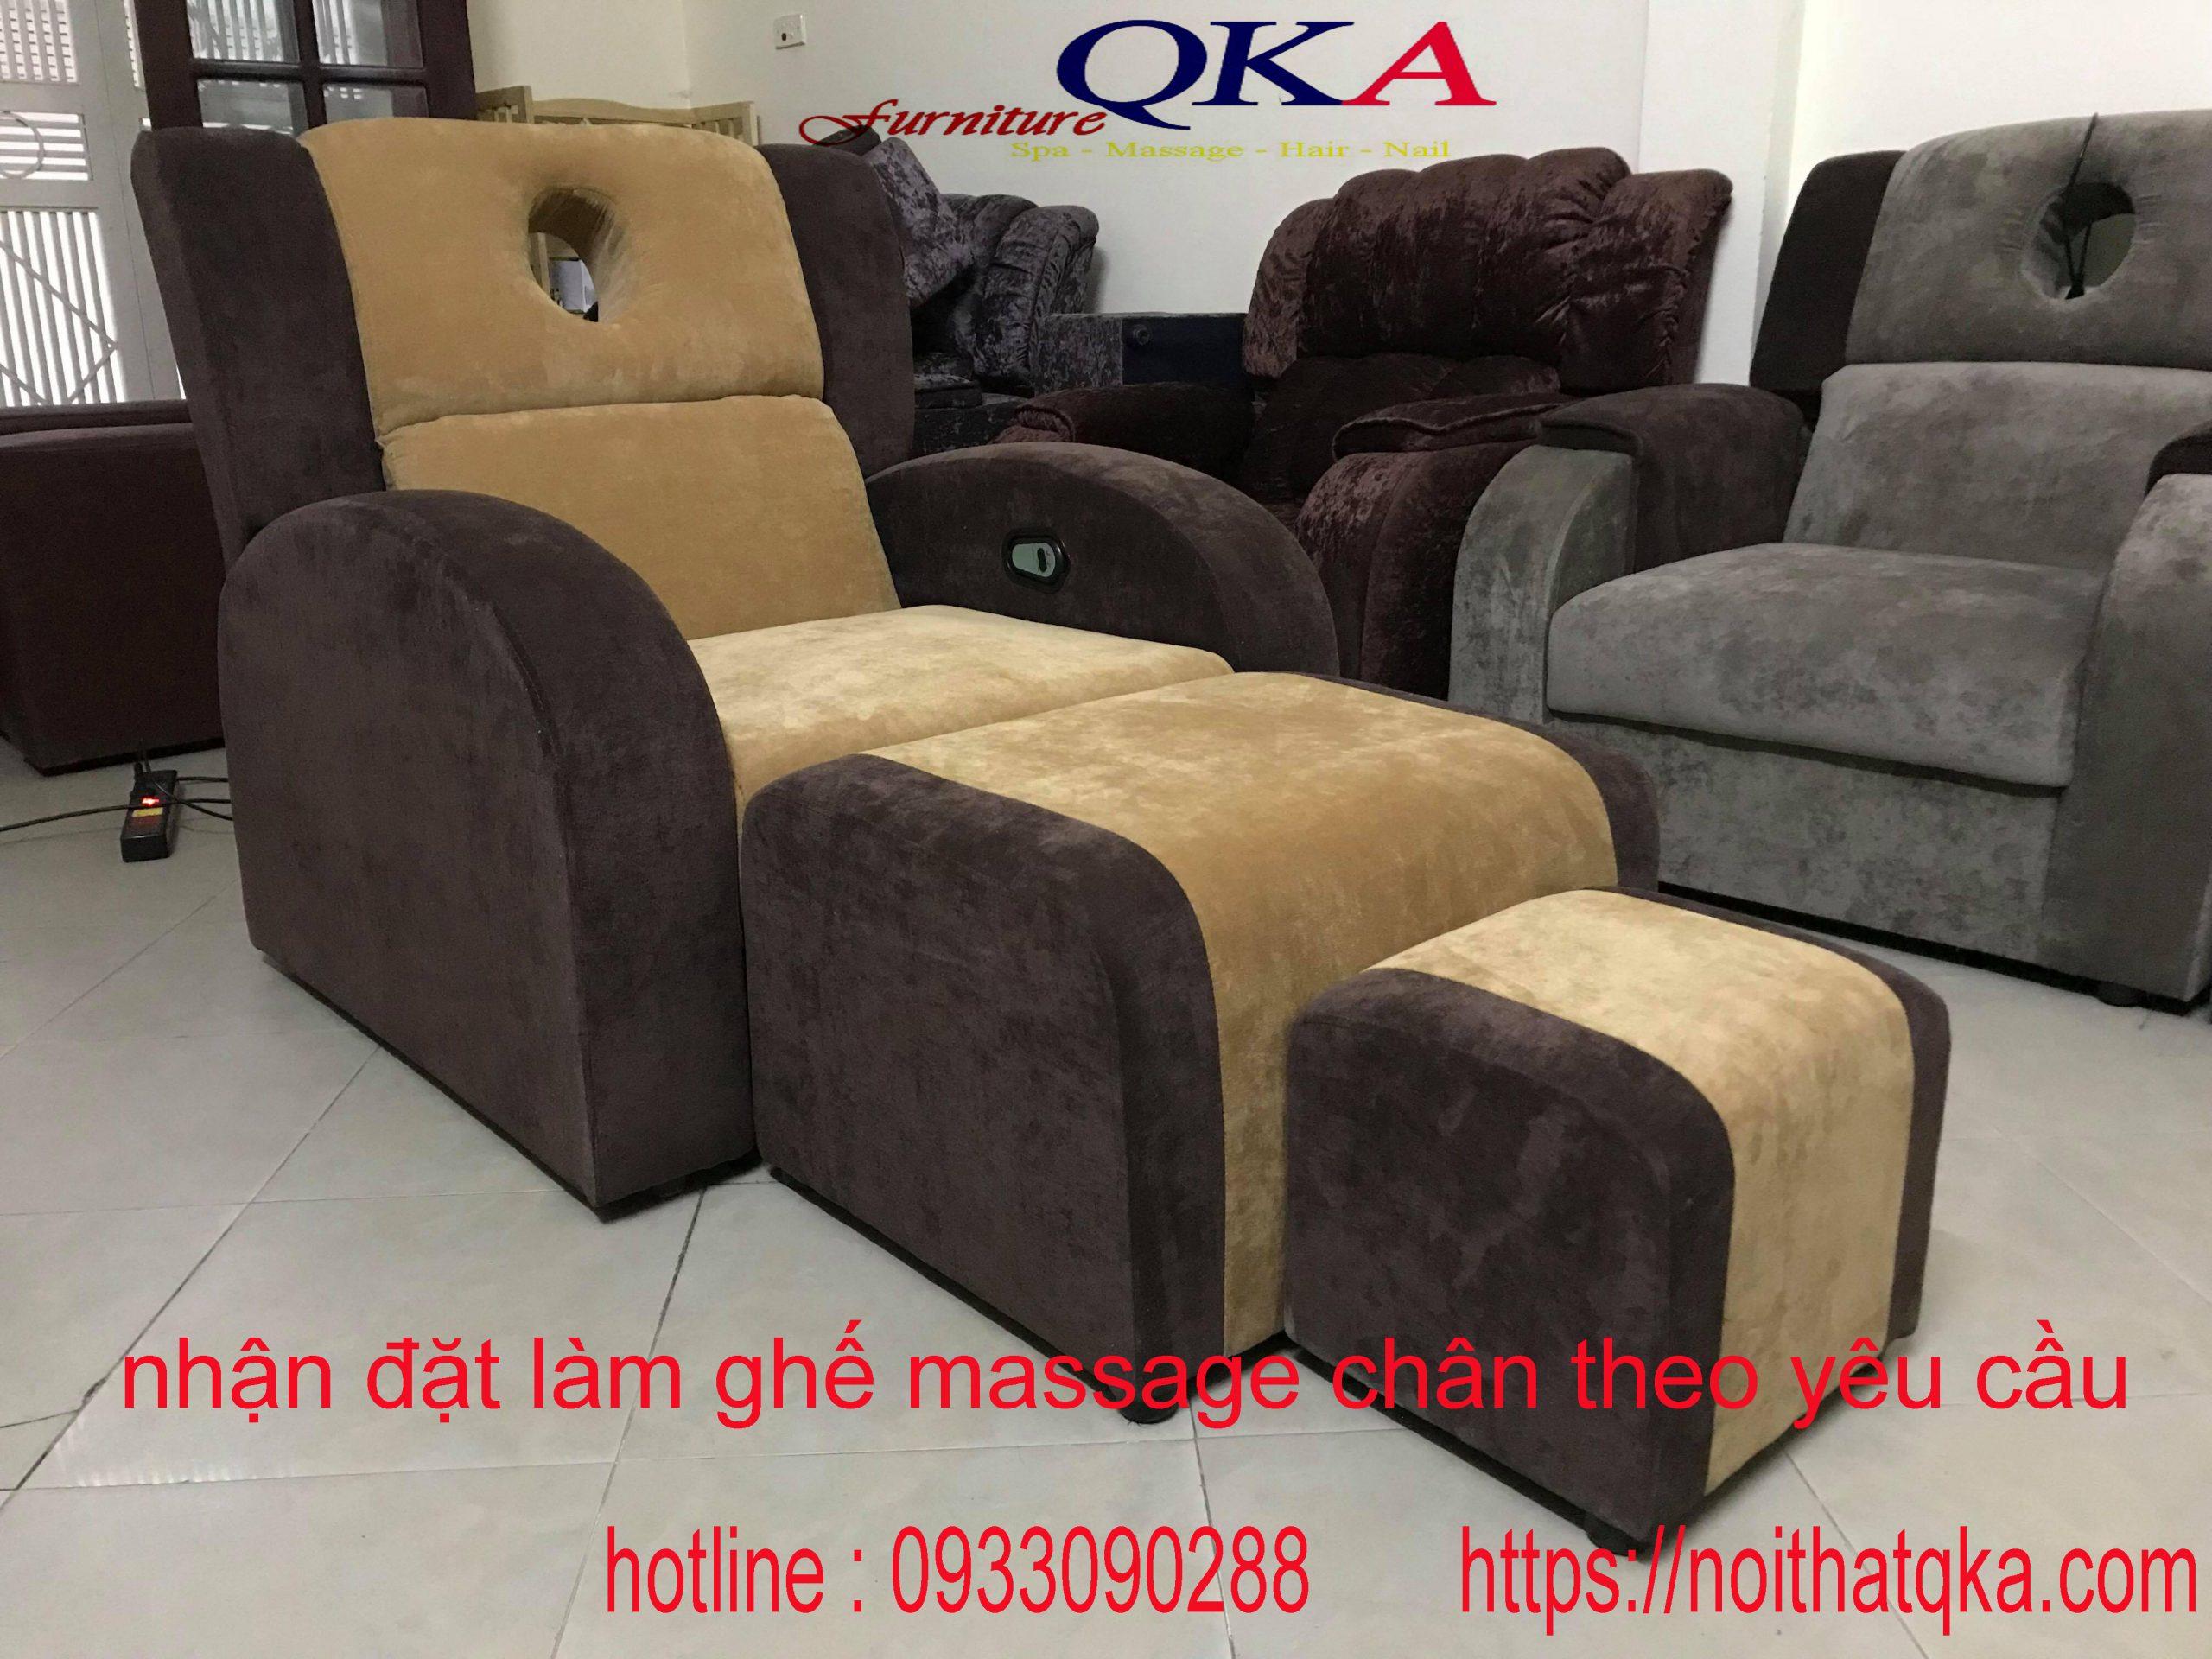 ghế massage chân cung cấp cho Bắc Ninh